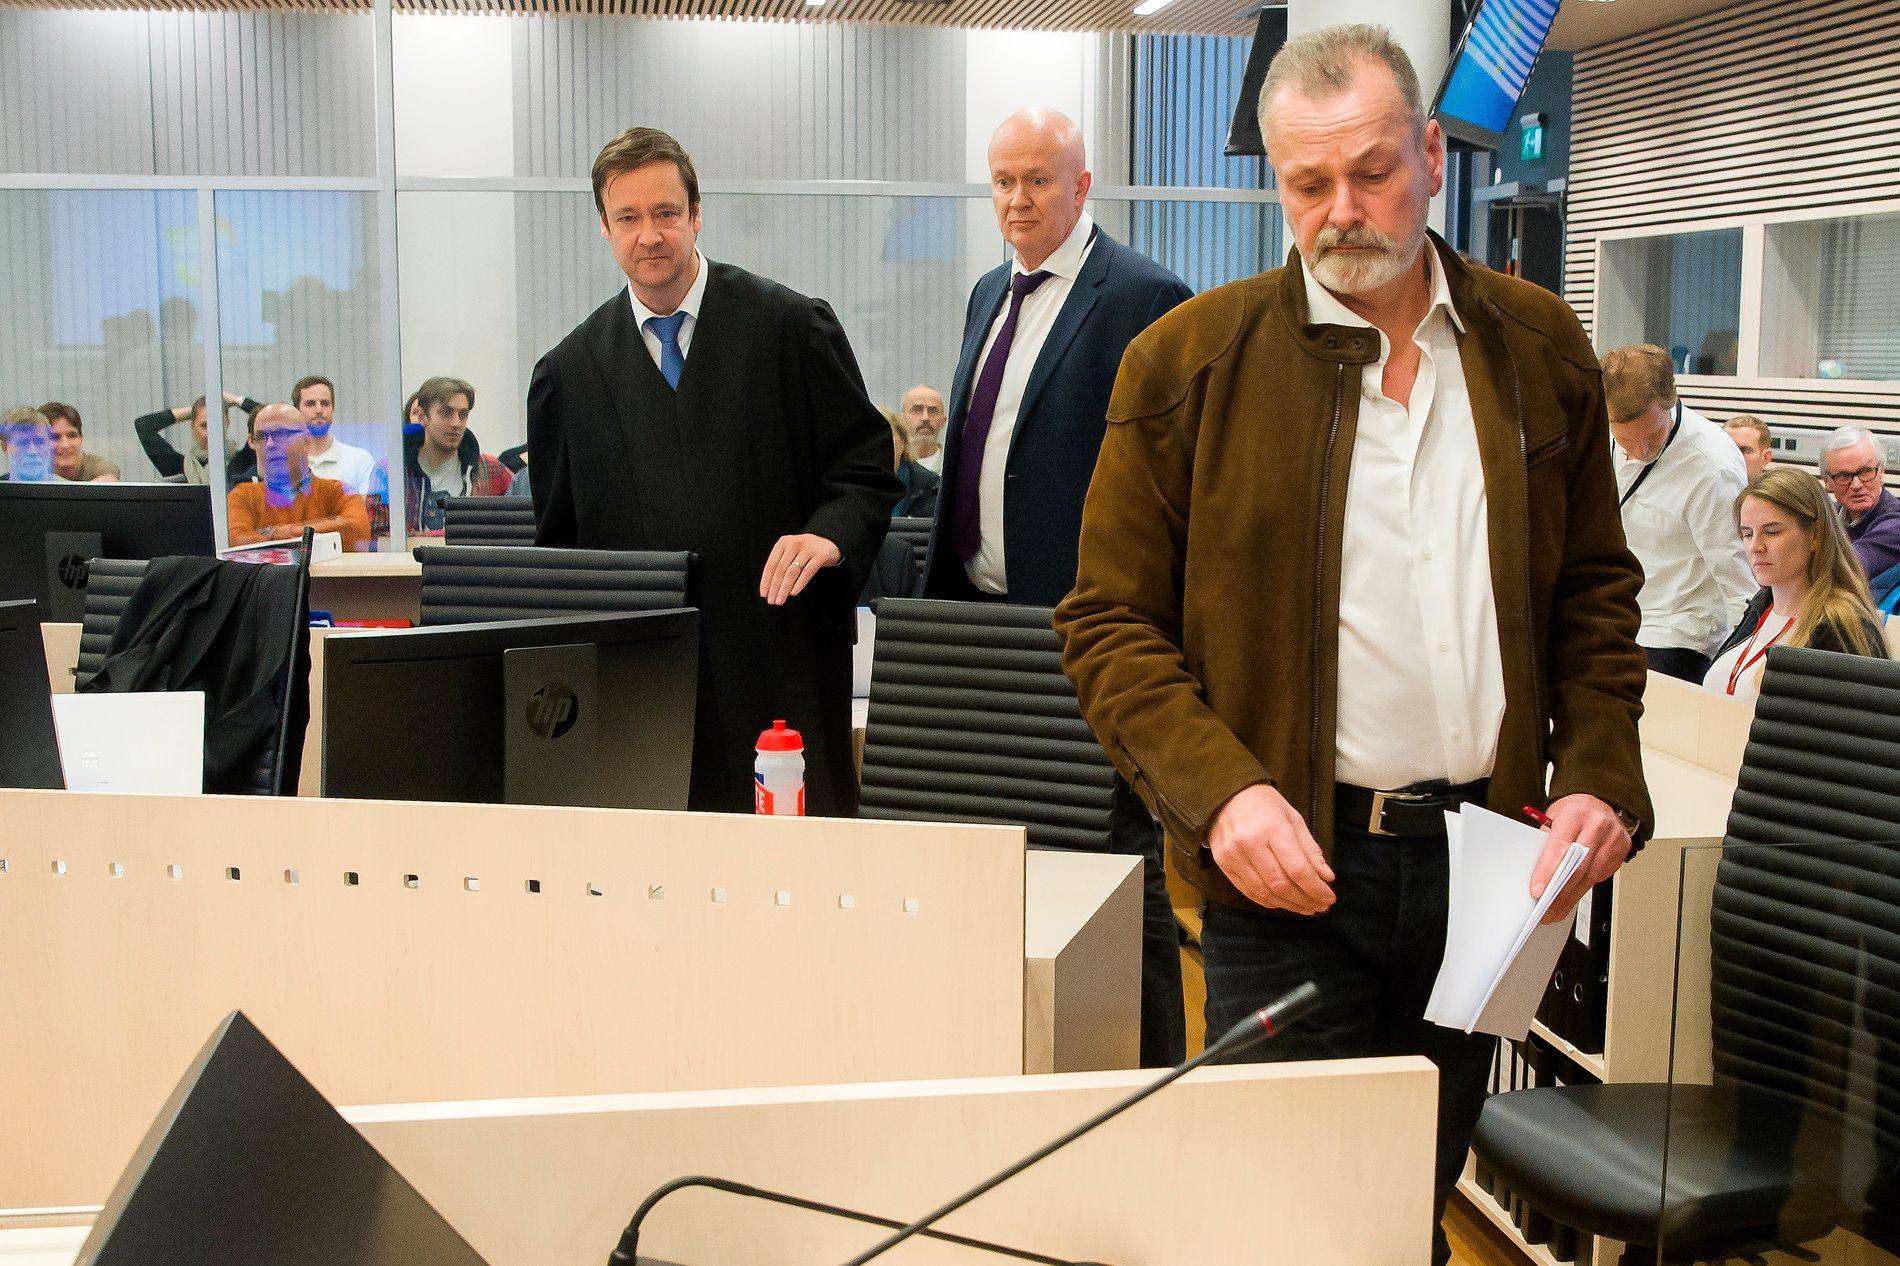 FORKLARTE SEG: Den tidligere politimannen Eirik Jensen begynte tirsdag på sin forklaring i rettssaken mot ham og Gjermund Cappelen. I bakgrunnen står hans forsvarere John Christian Elden og Arild Holden.